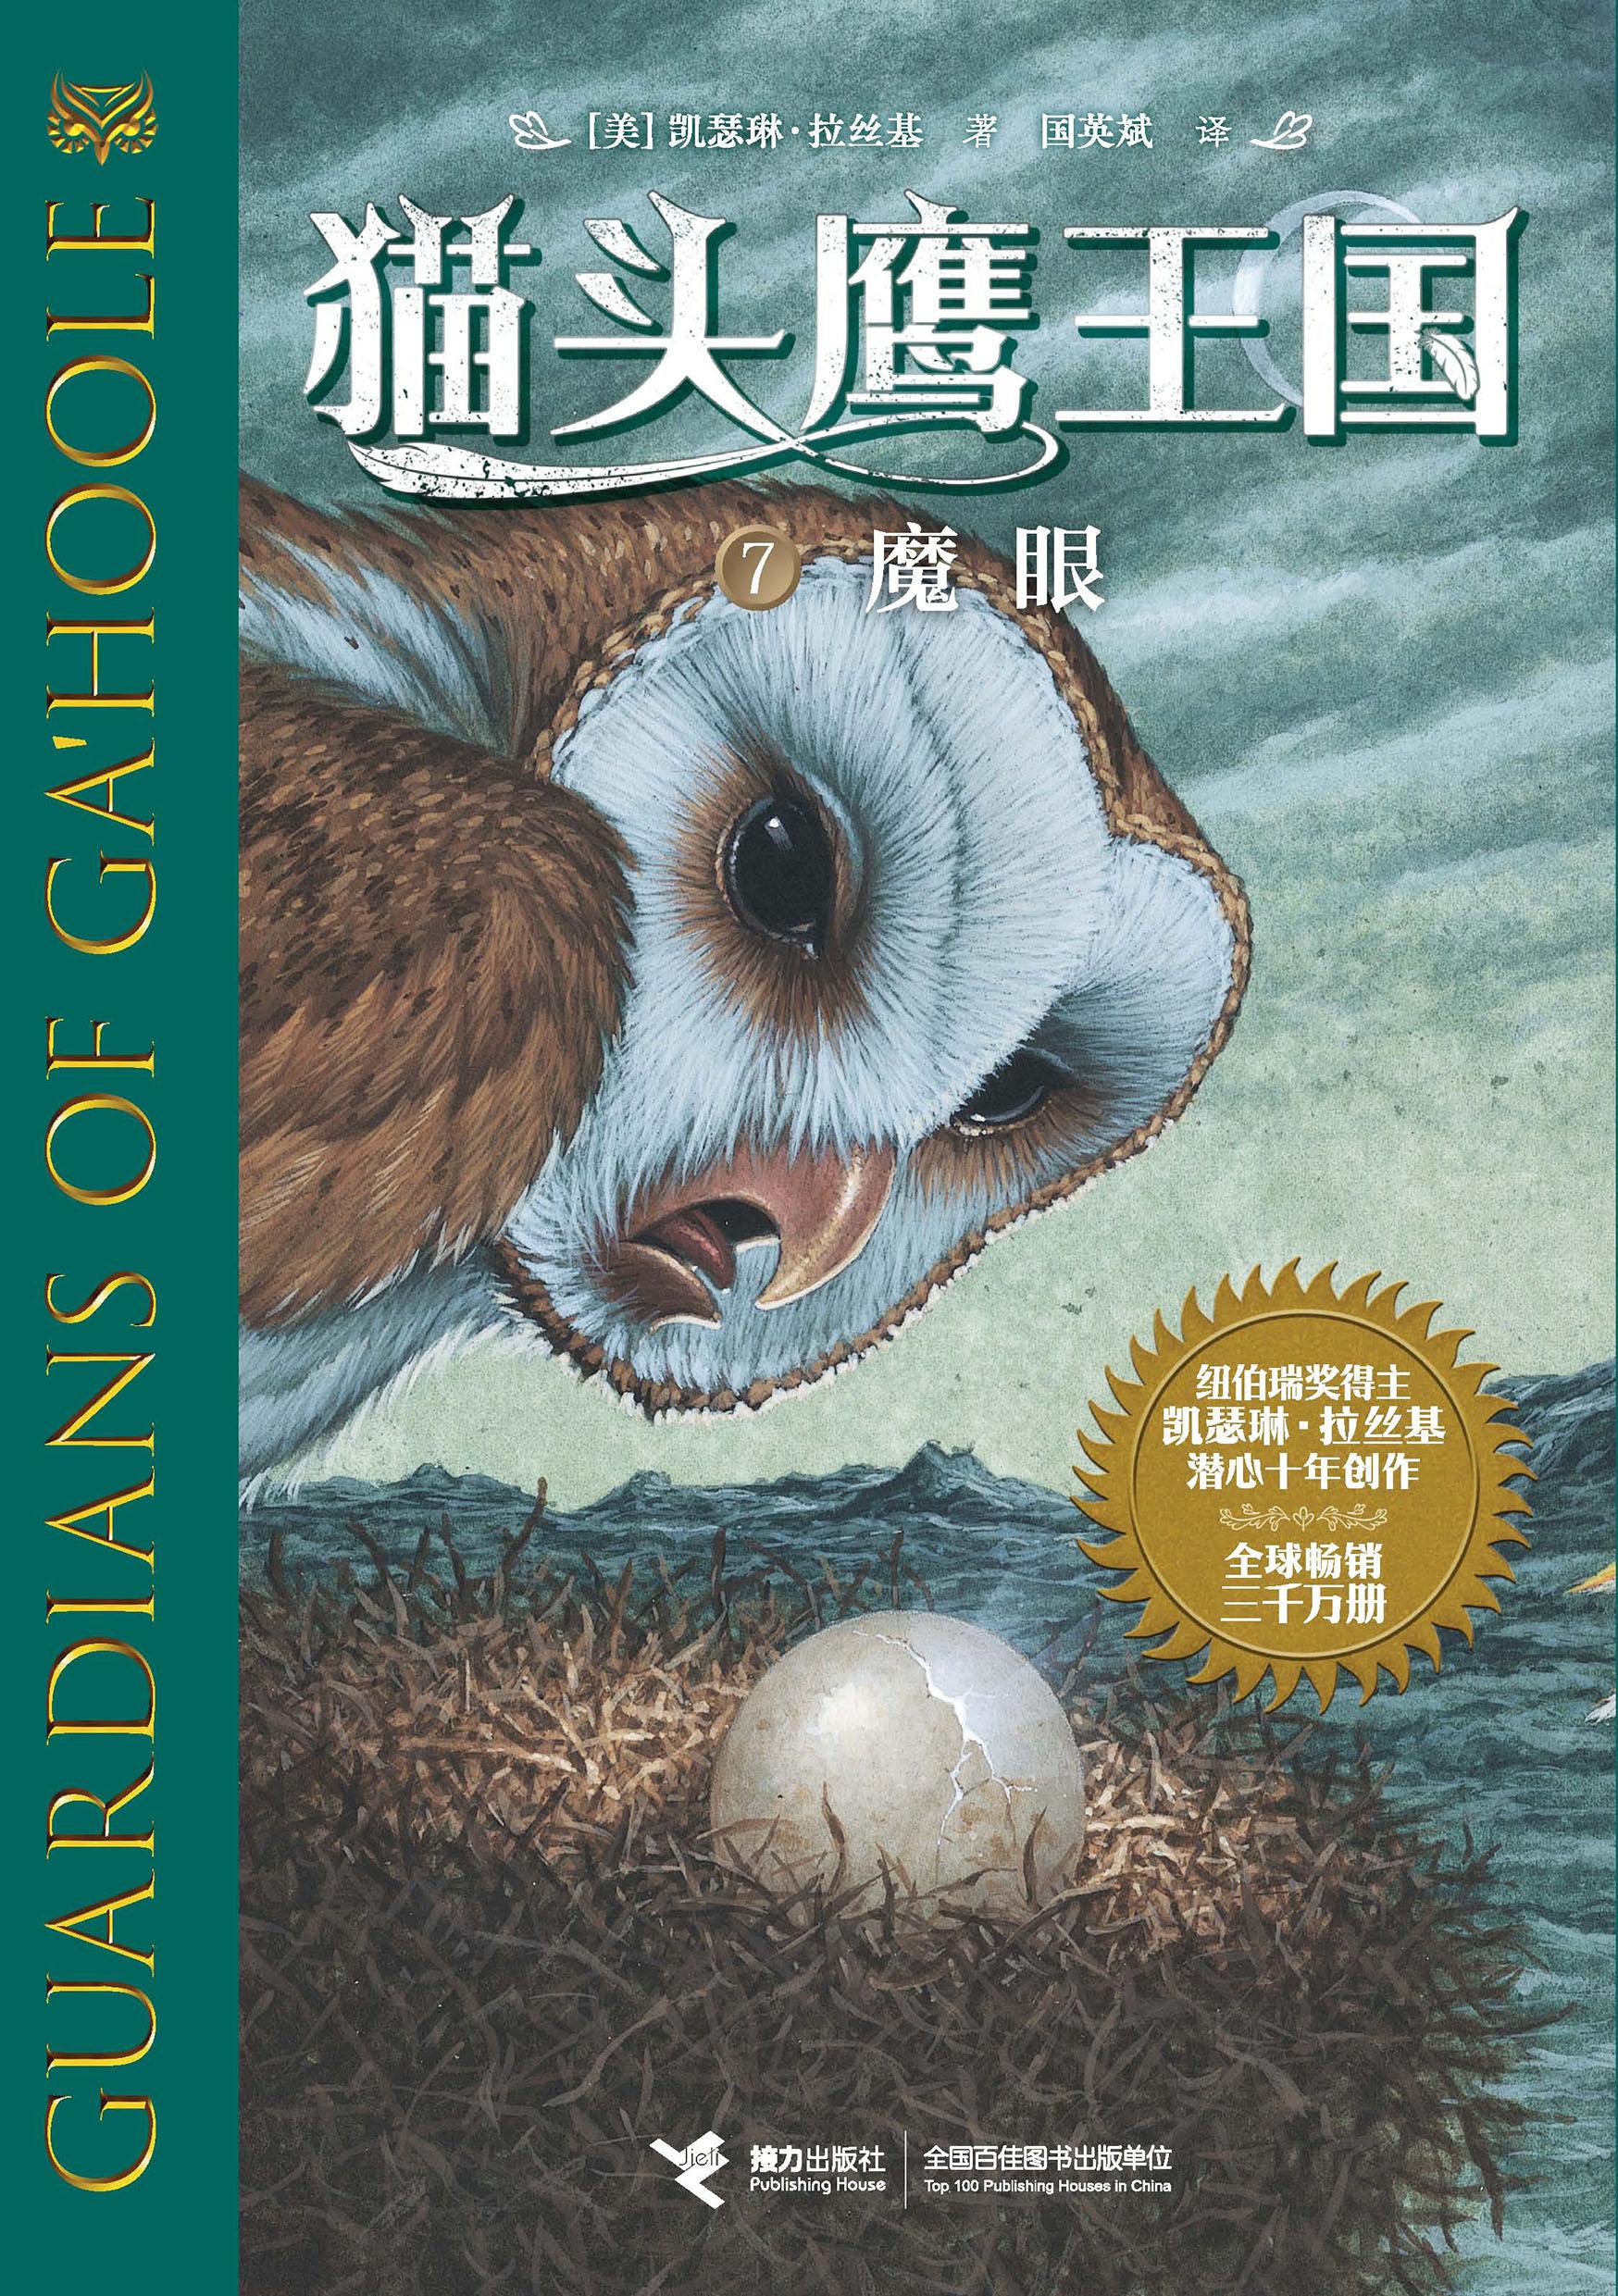 猫头鹰王国:魔眼